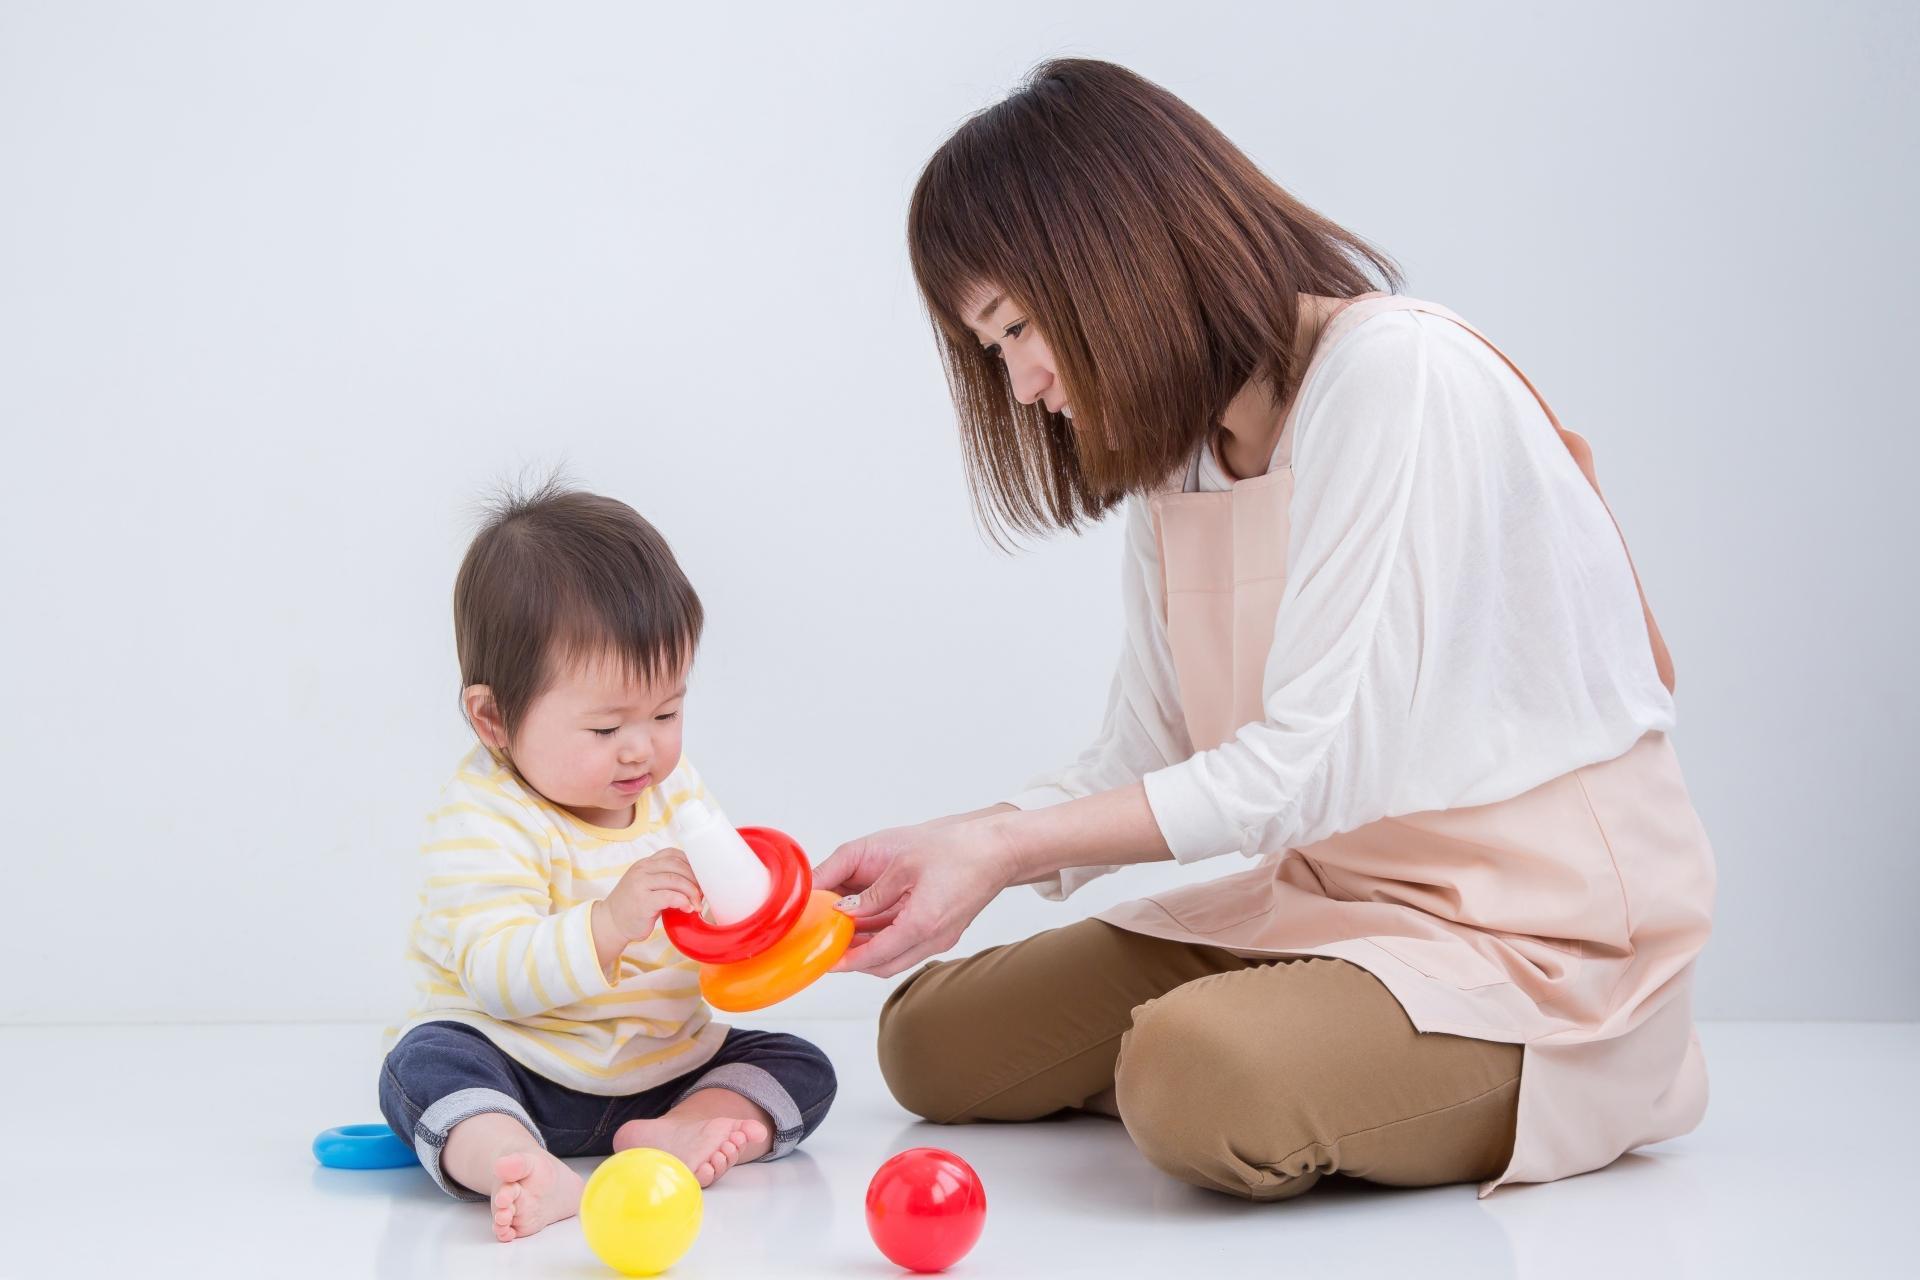 5歳の子供がおもちゃで遊んでいる画像